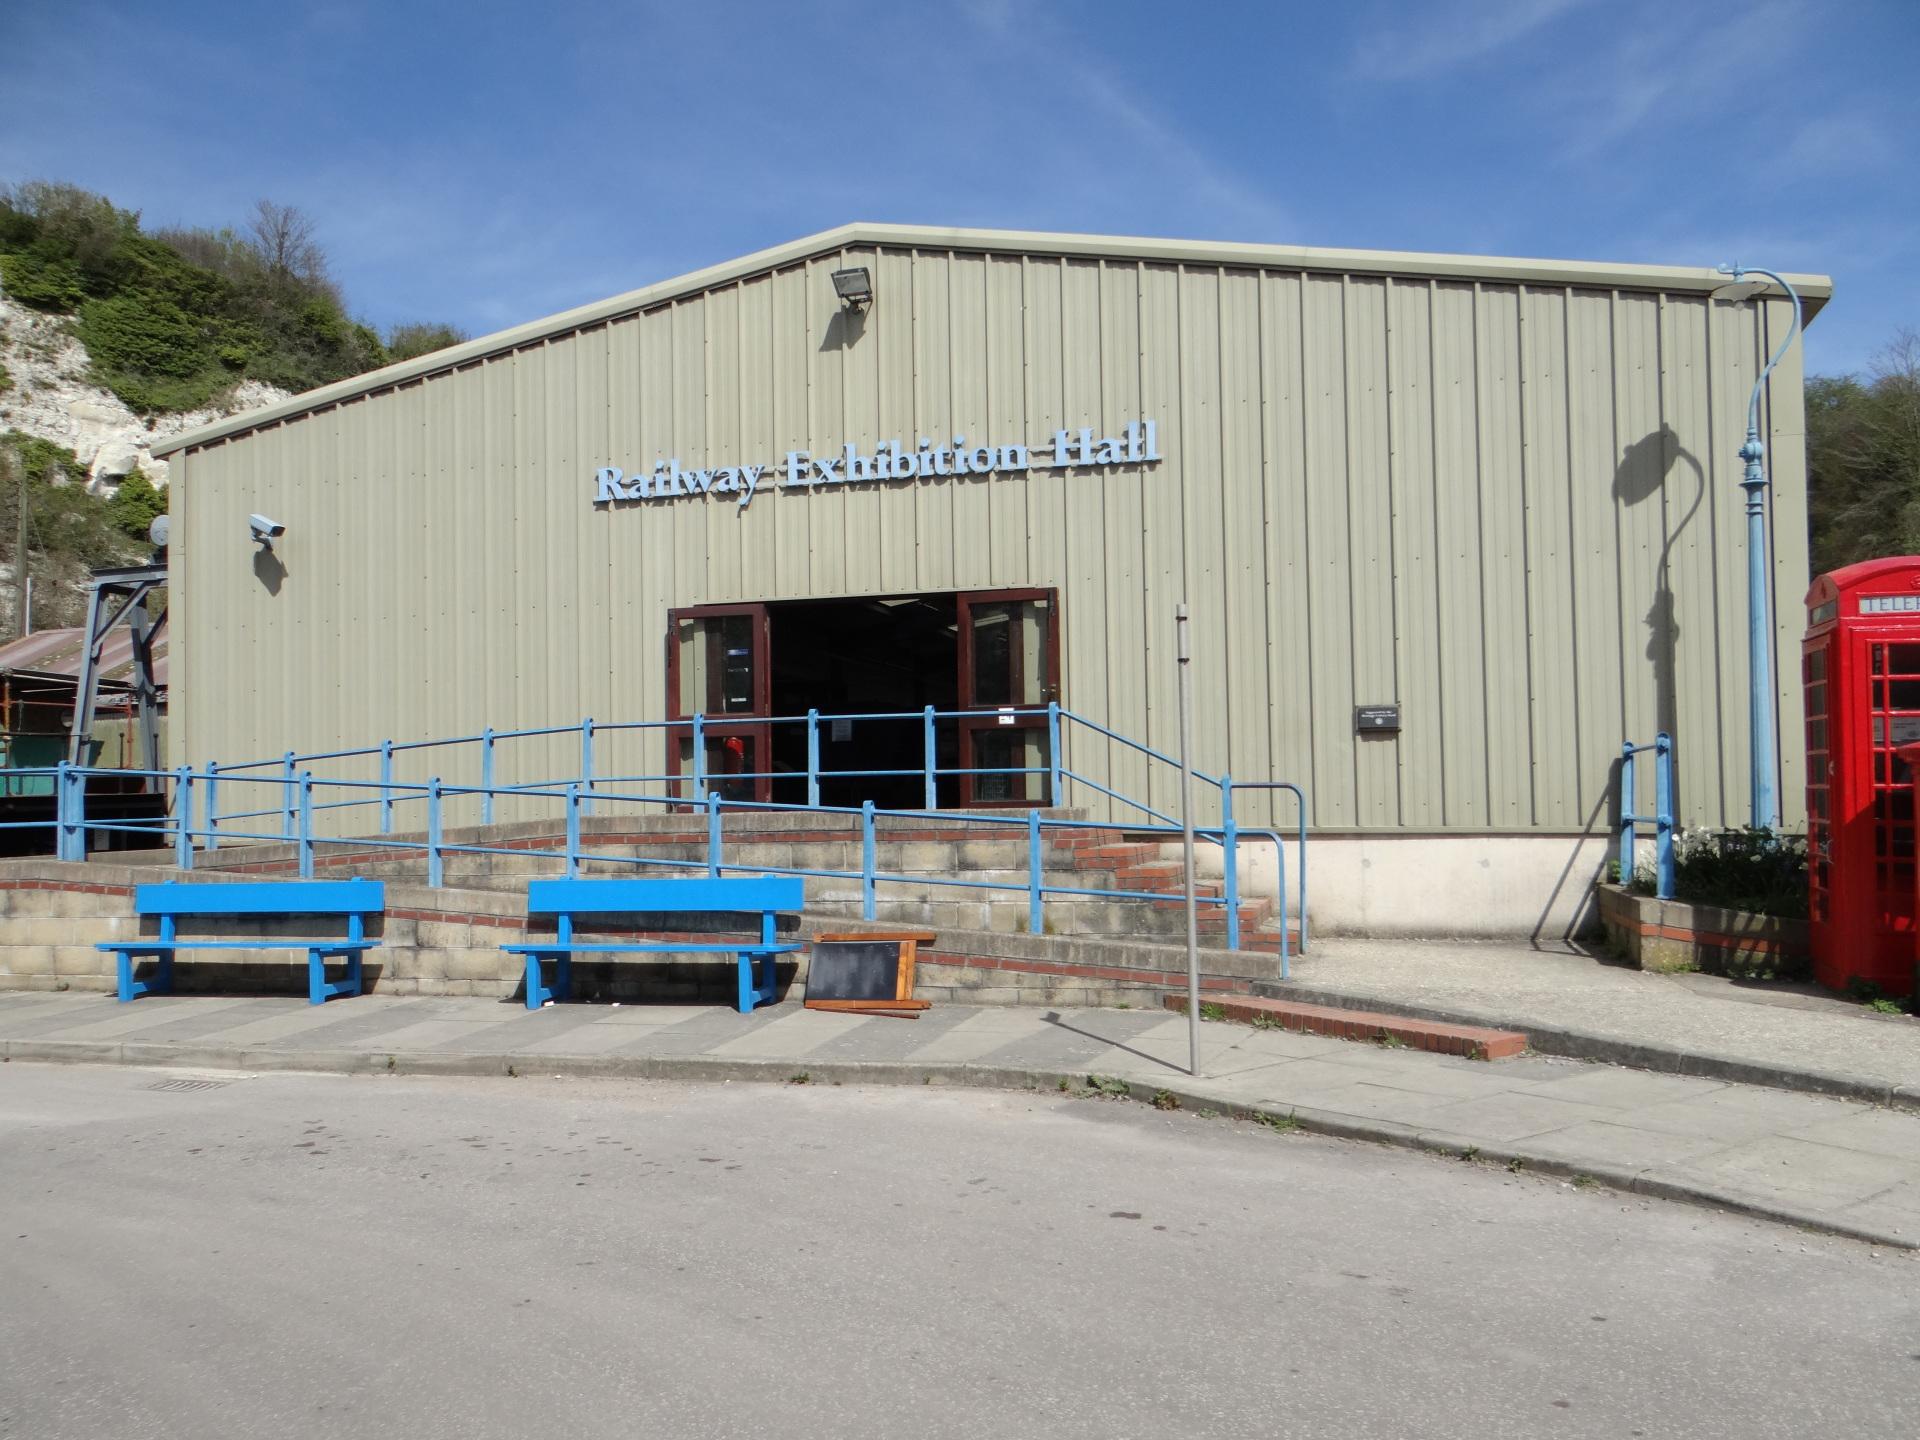 Amberley Museum Railway exhibition